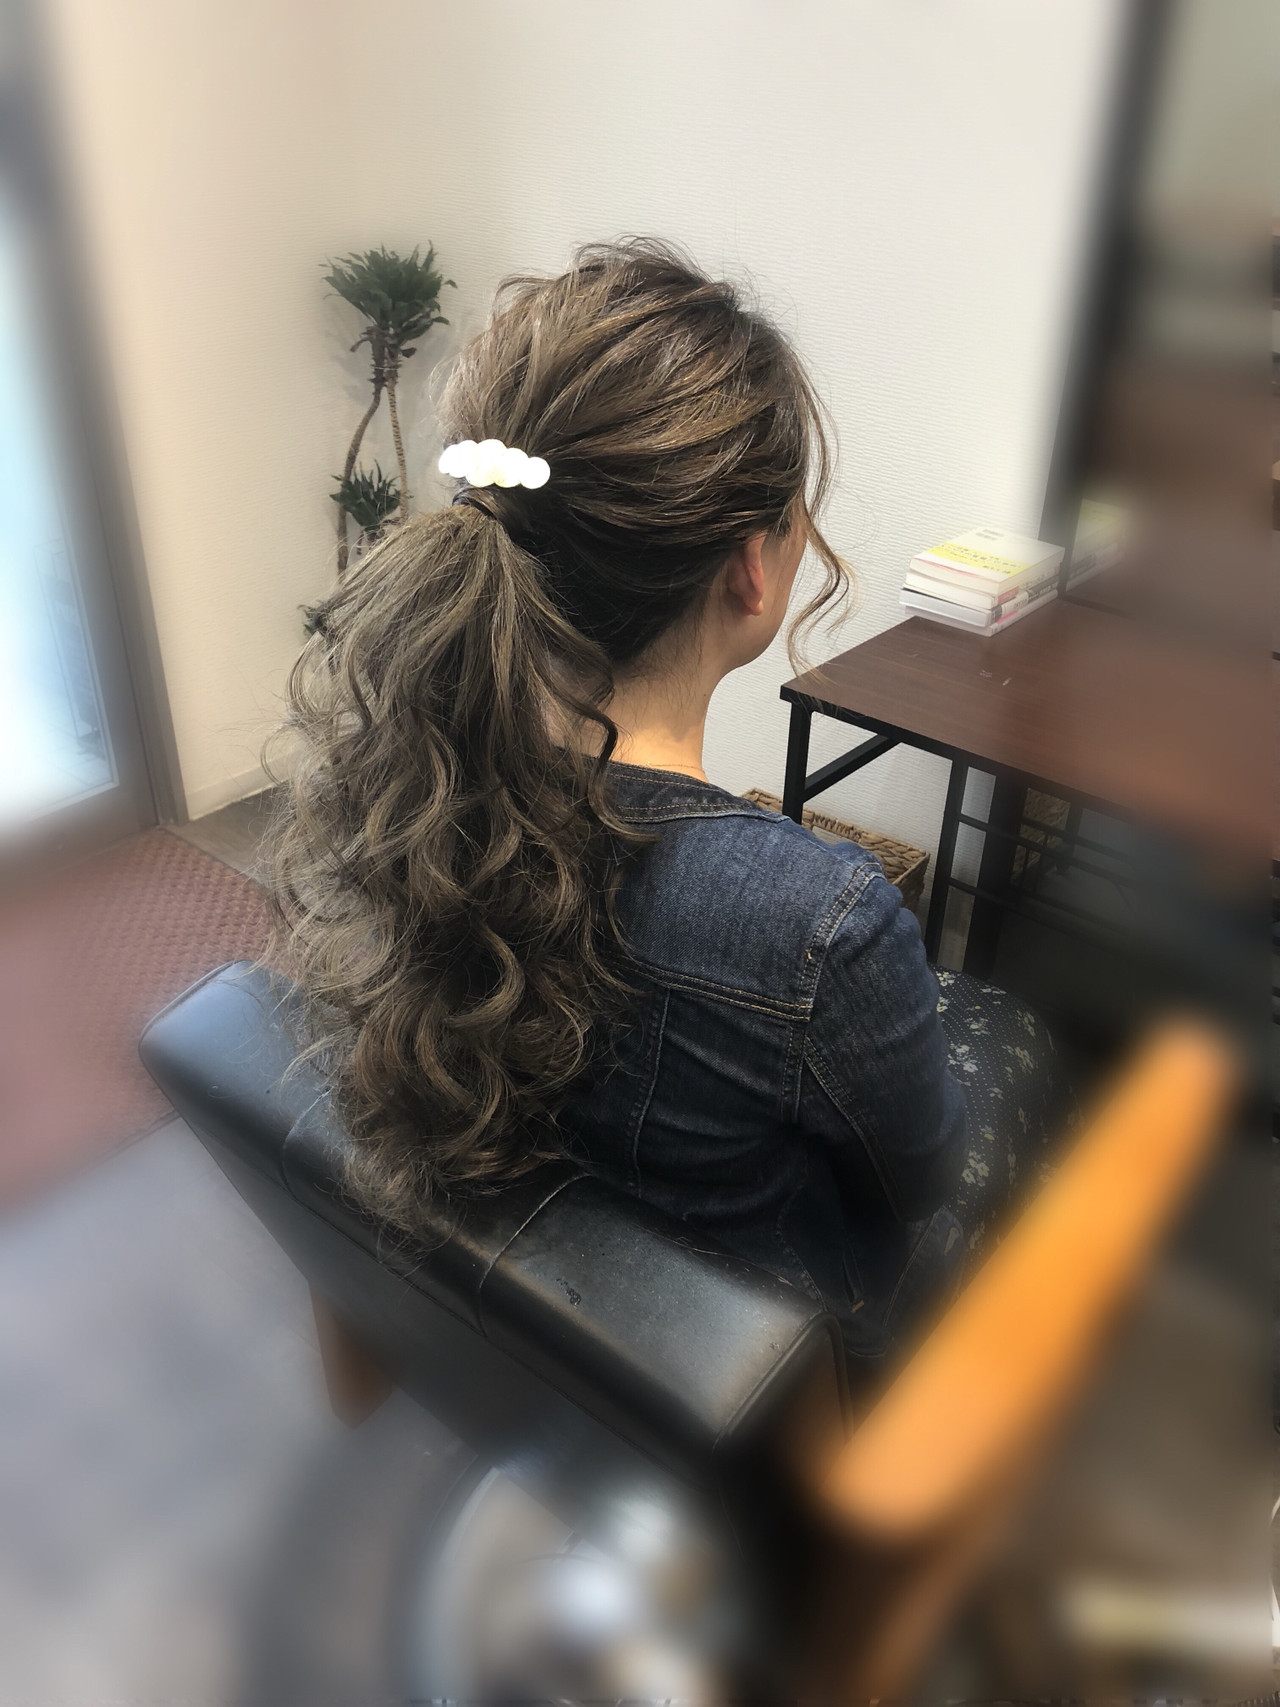 ポニーテール アップスタイル ヘアアレンジ フェミニン ヘアスタイルや髪型の写真・画像 | mai / HAIR SALON STELLA